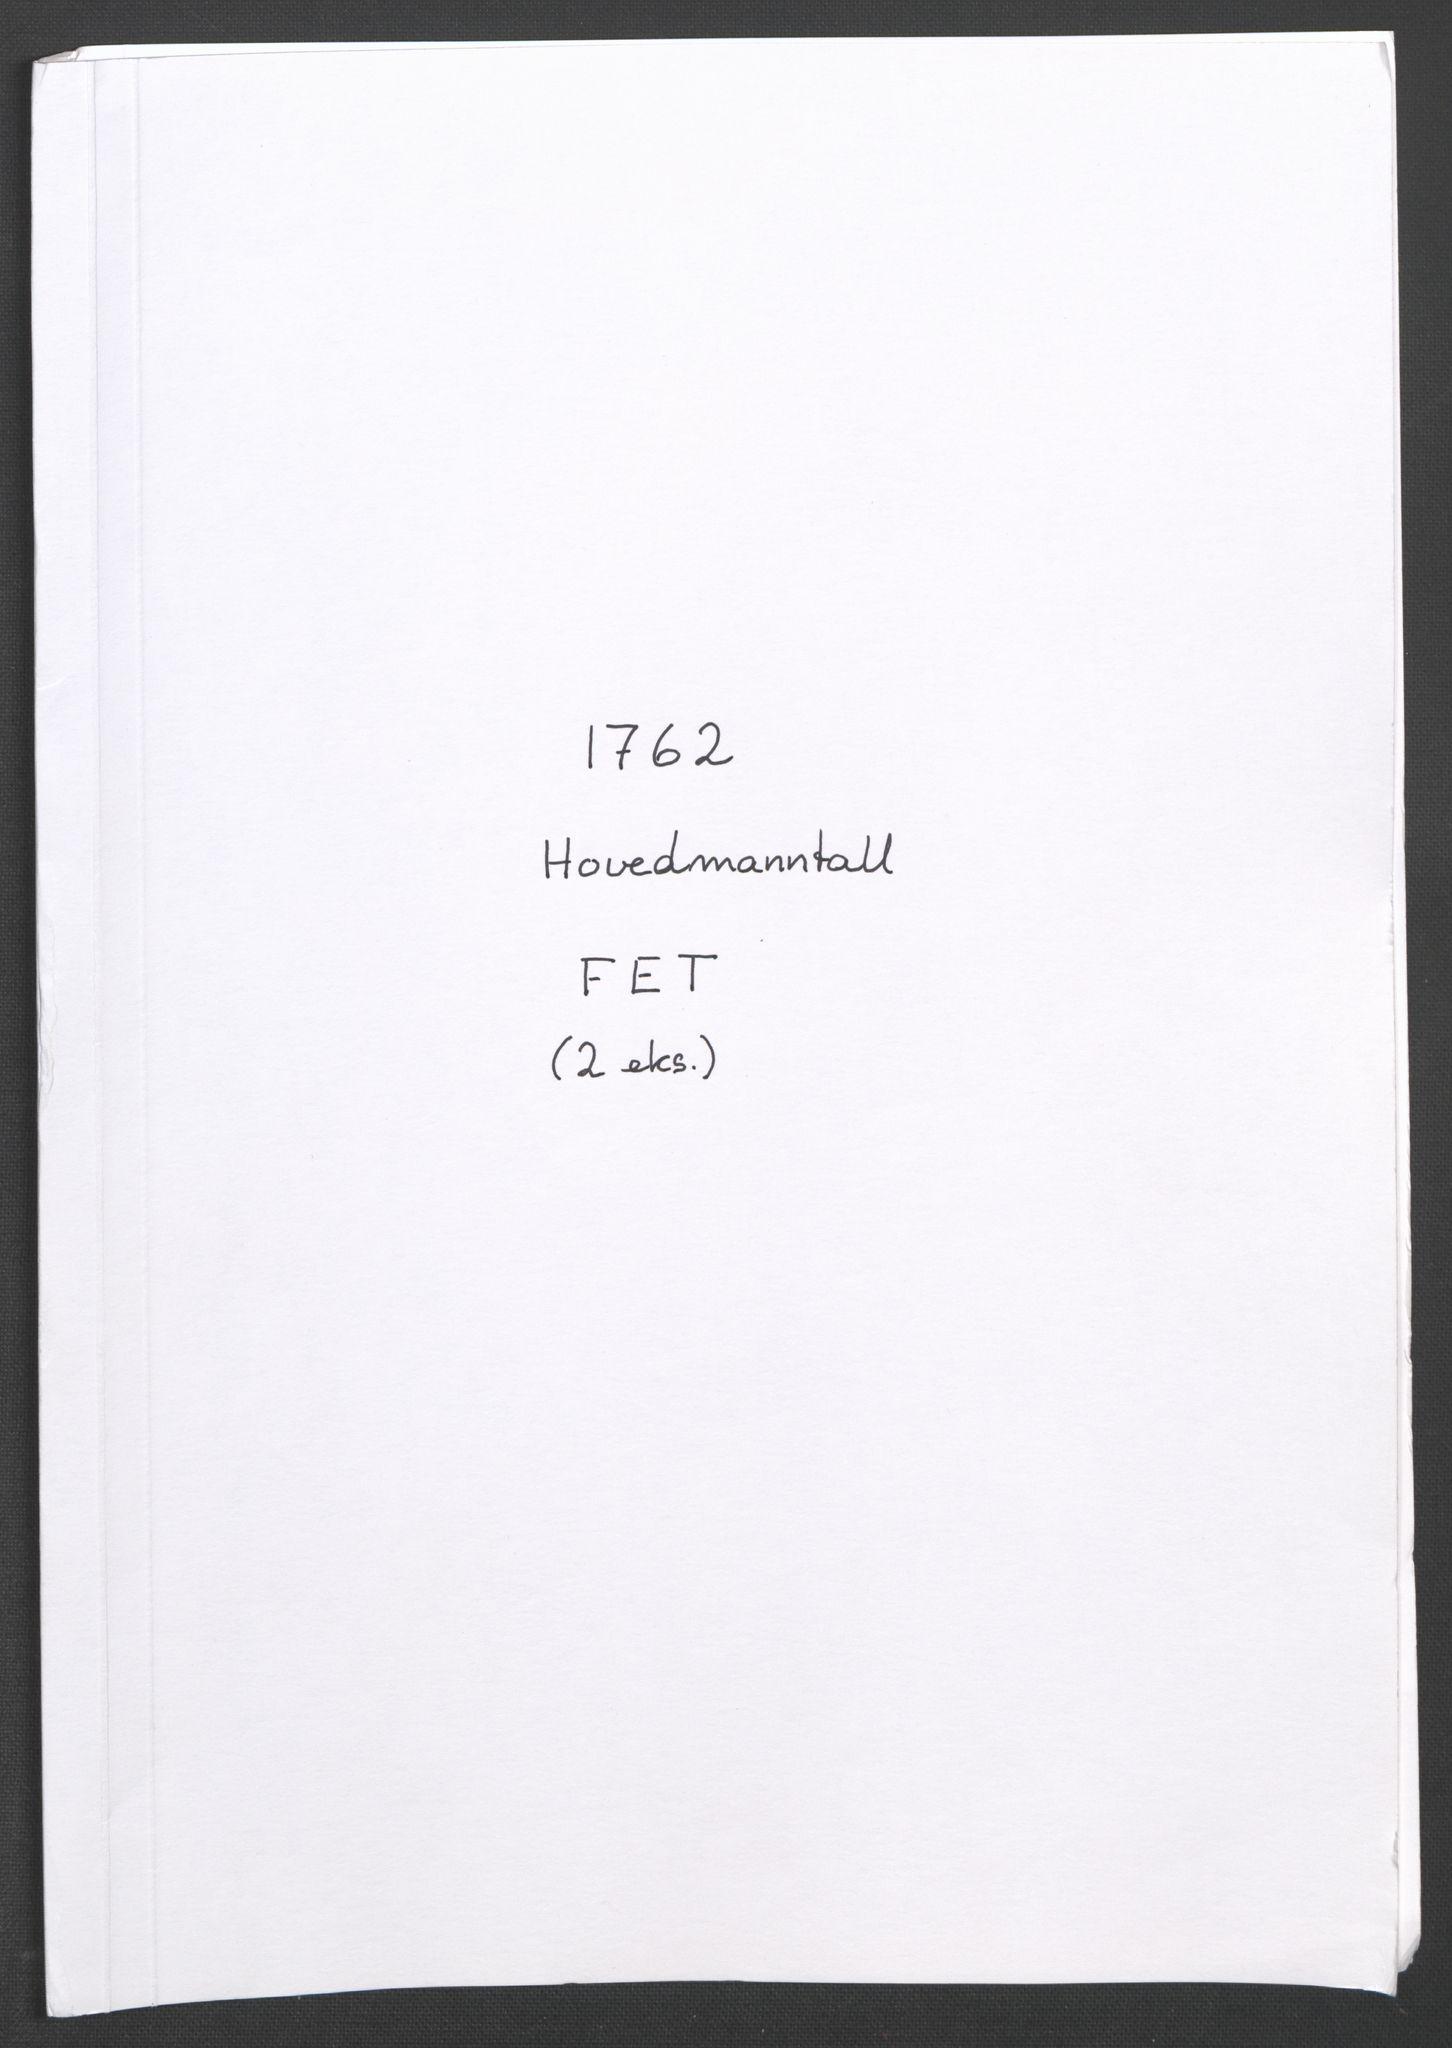 RA, Rentekammeret inntil 1814, Reviderte regnskaper, Fogderegnskap, R11/L0687: Ekstraskatten Nedre Romerike, 1762, s. 118